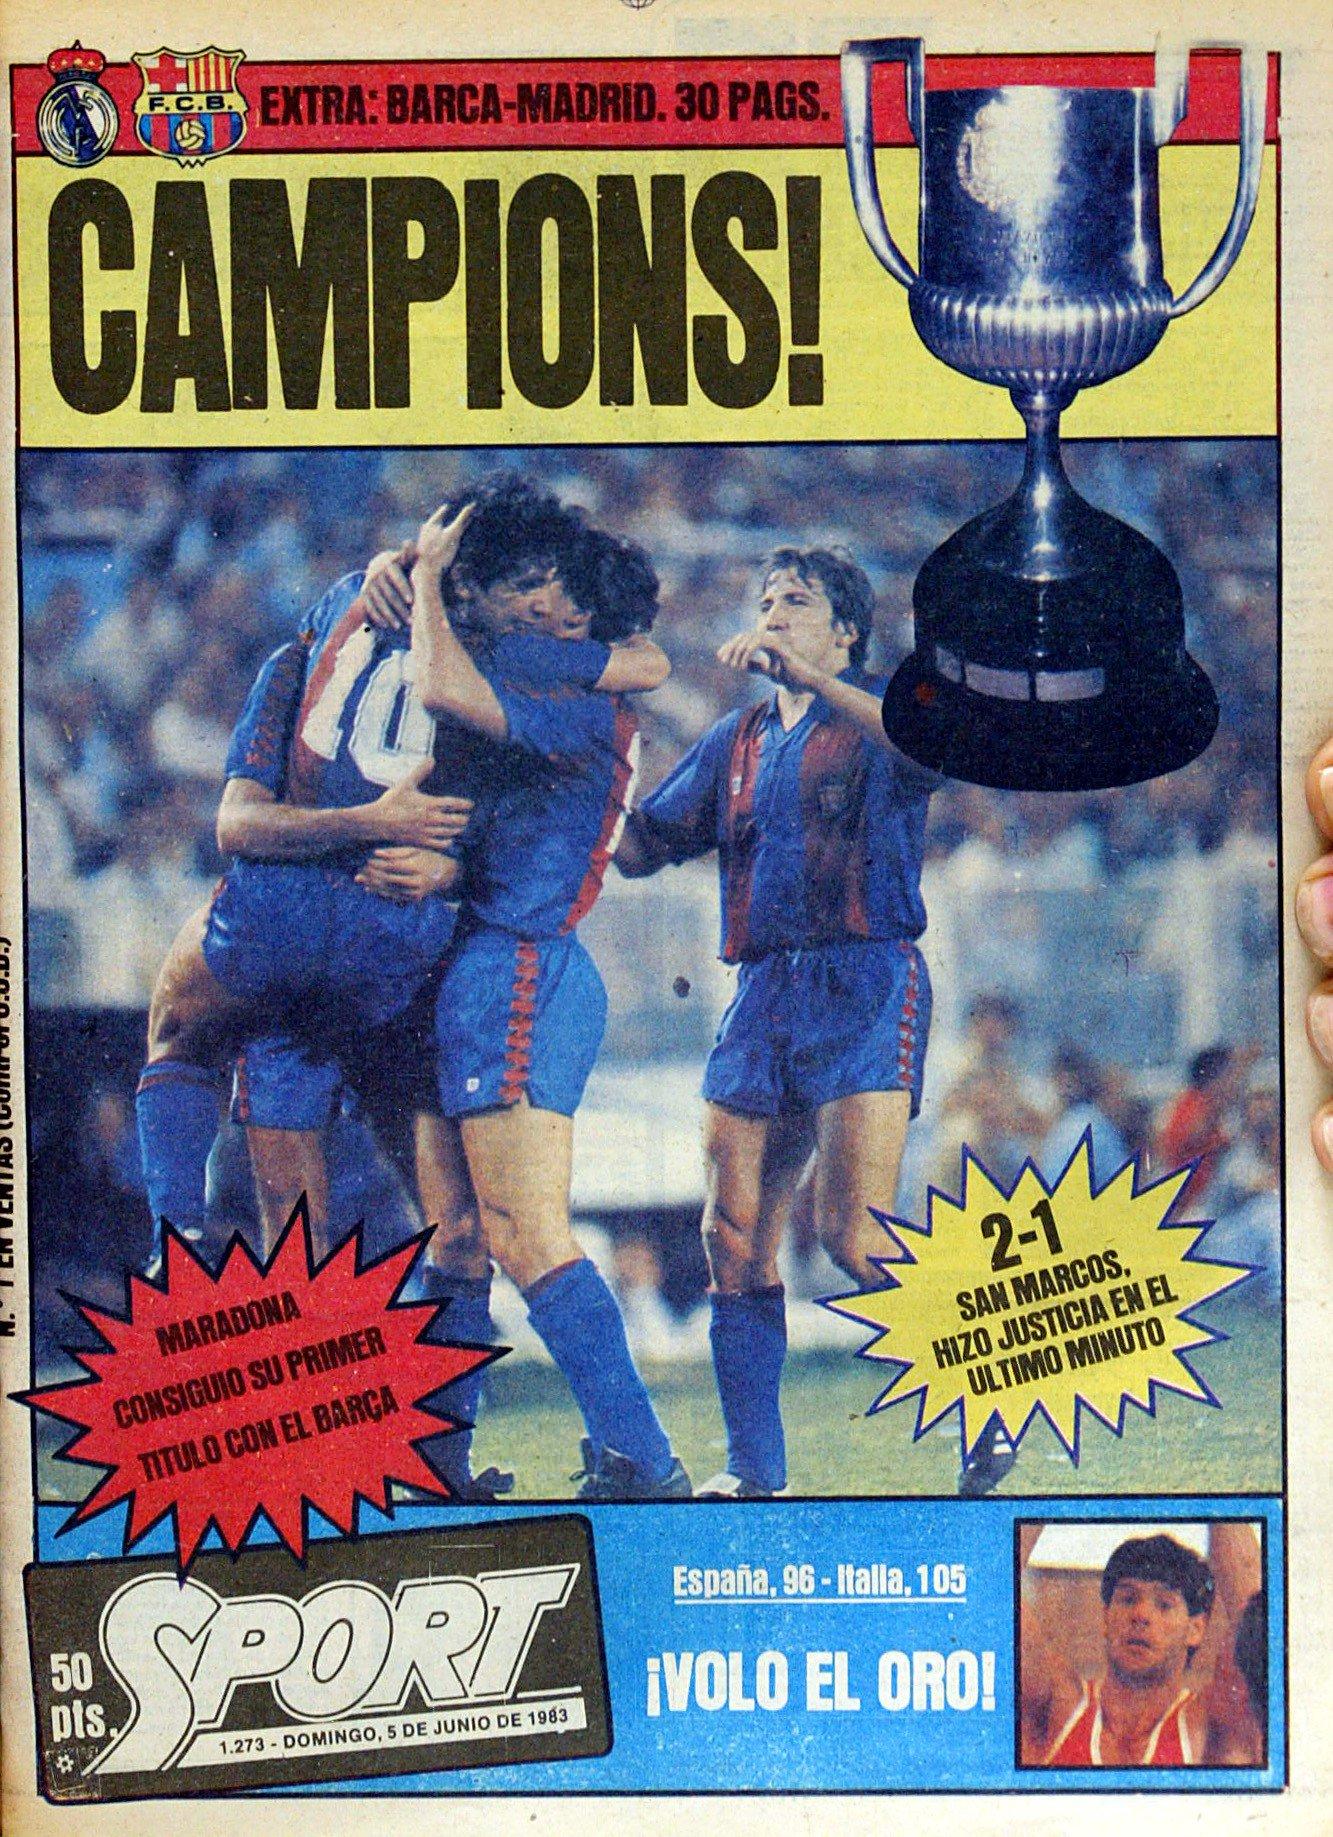 《每日体育报》庆祝成立40周年,分享了一些经典头版